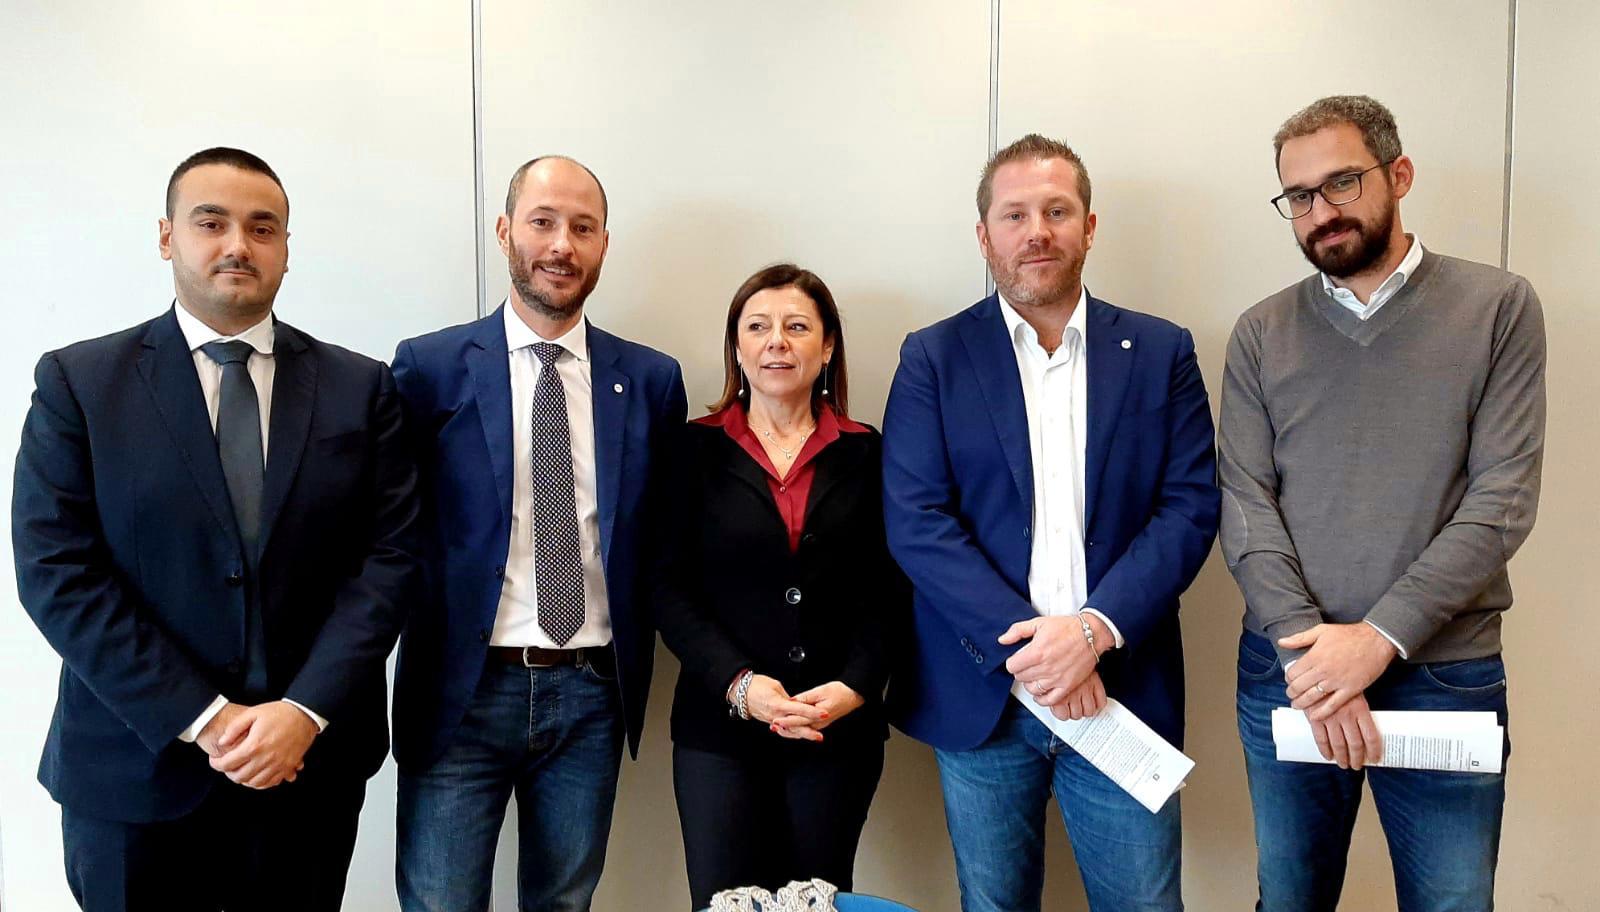 De Micheli e Spadafora incontrano M5S Lombardia